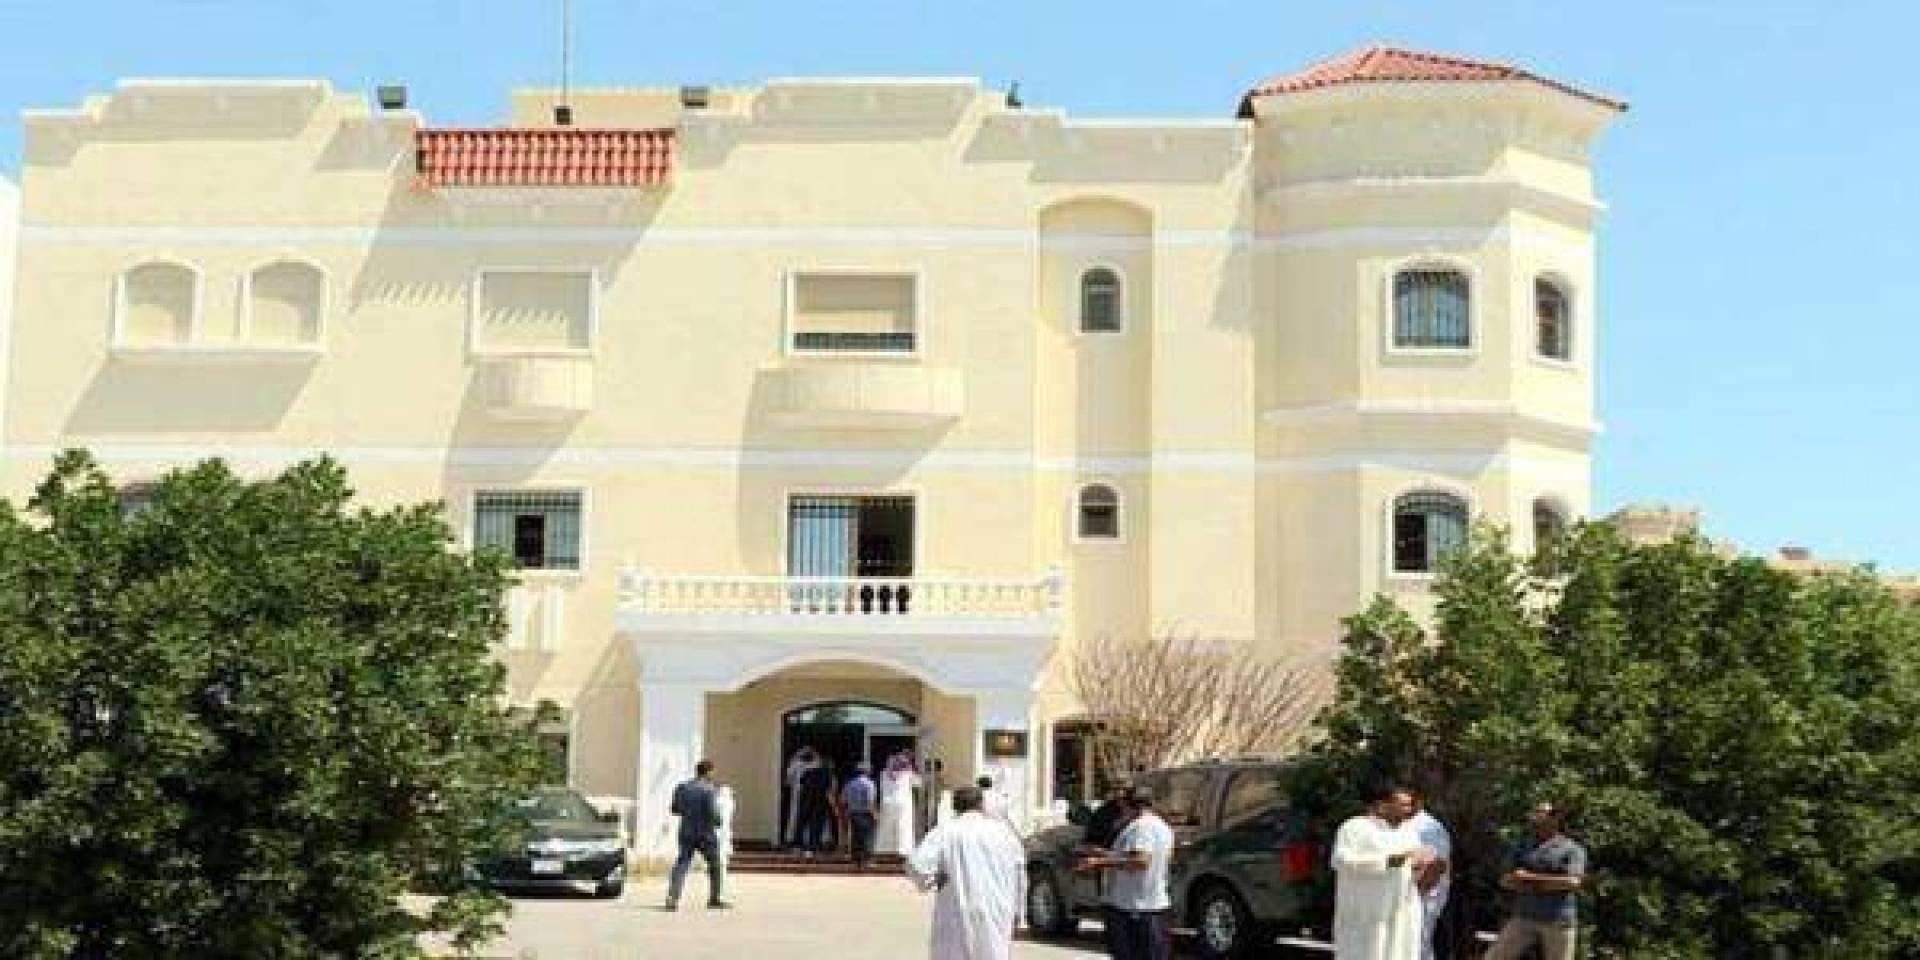 القنصلية المصرية تدعو رعاياها الراغبين في العودة إلى مصر إلى التواصل معها